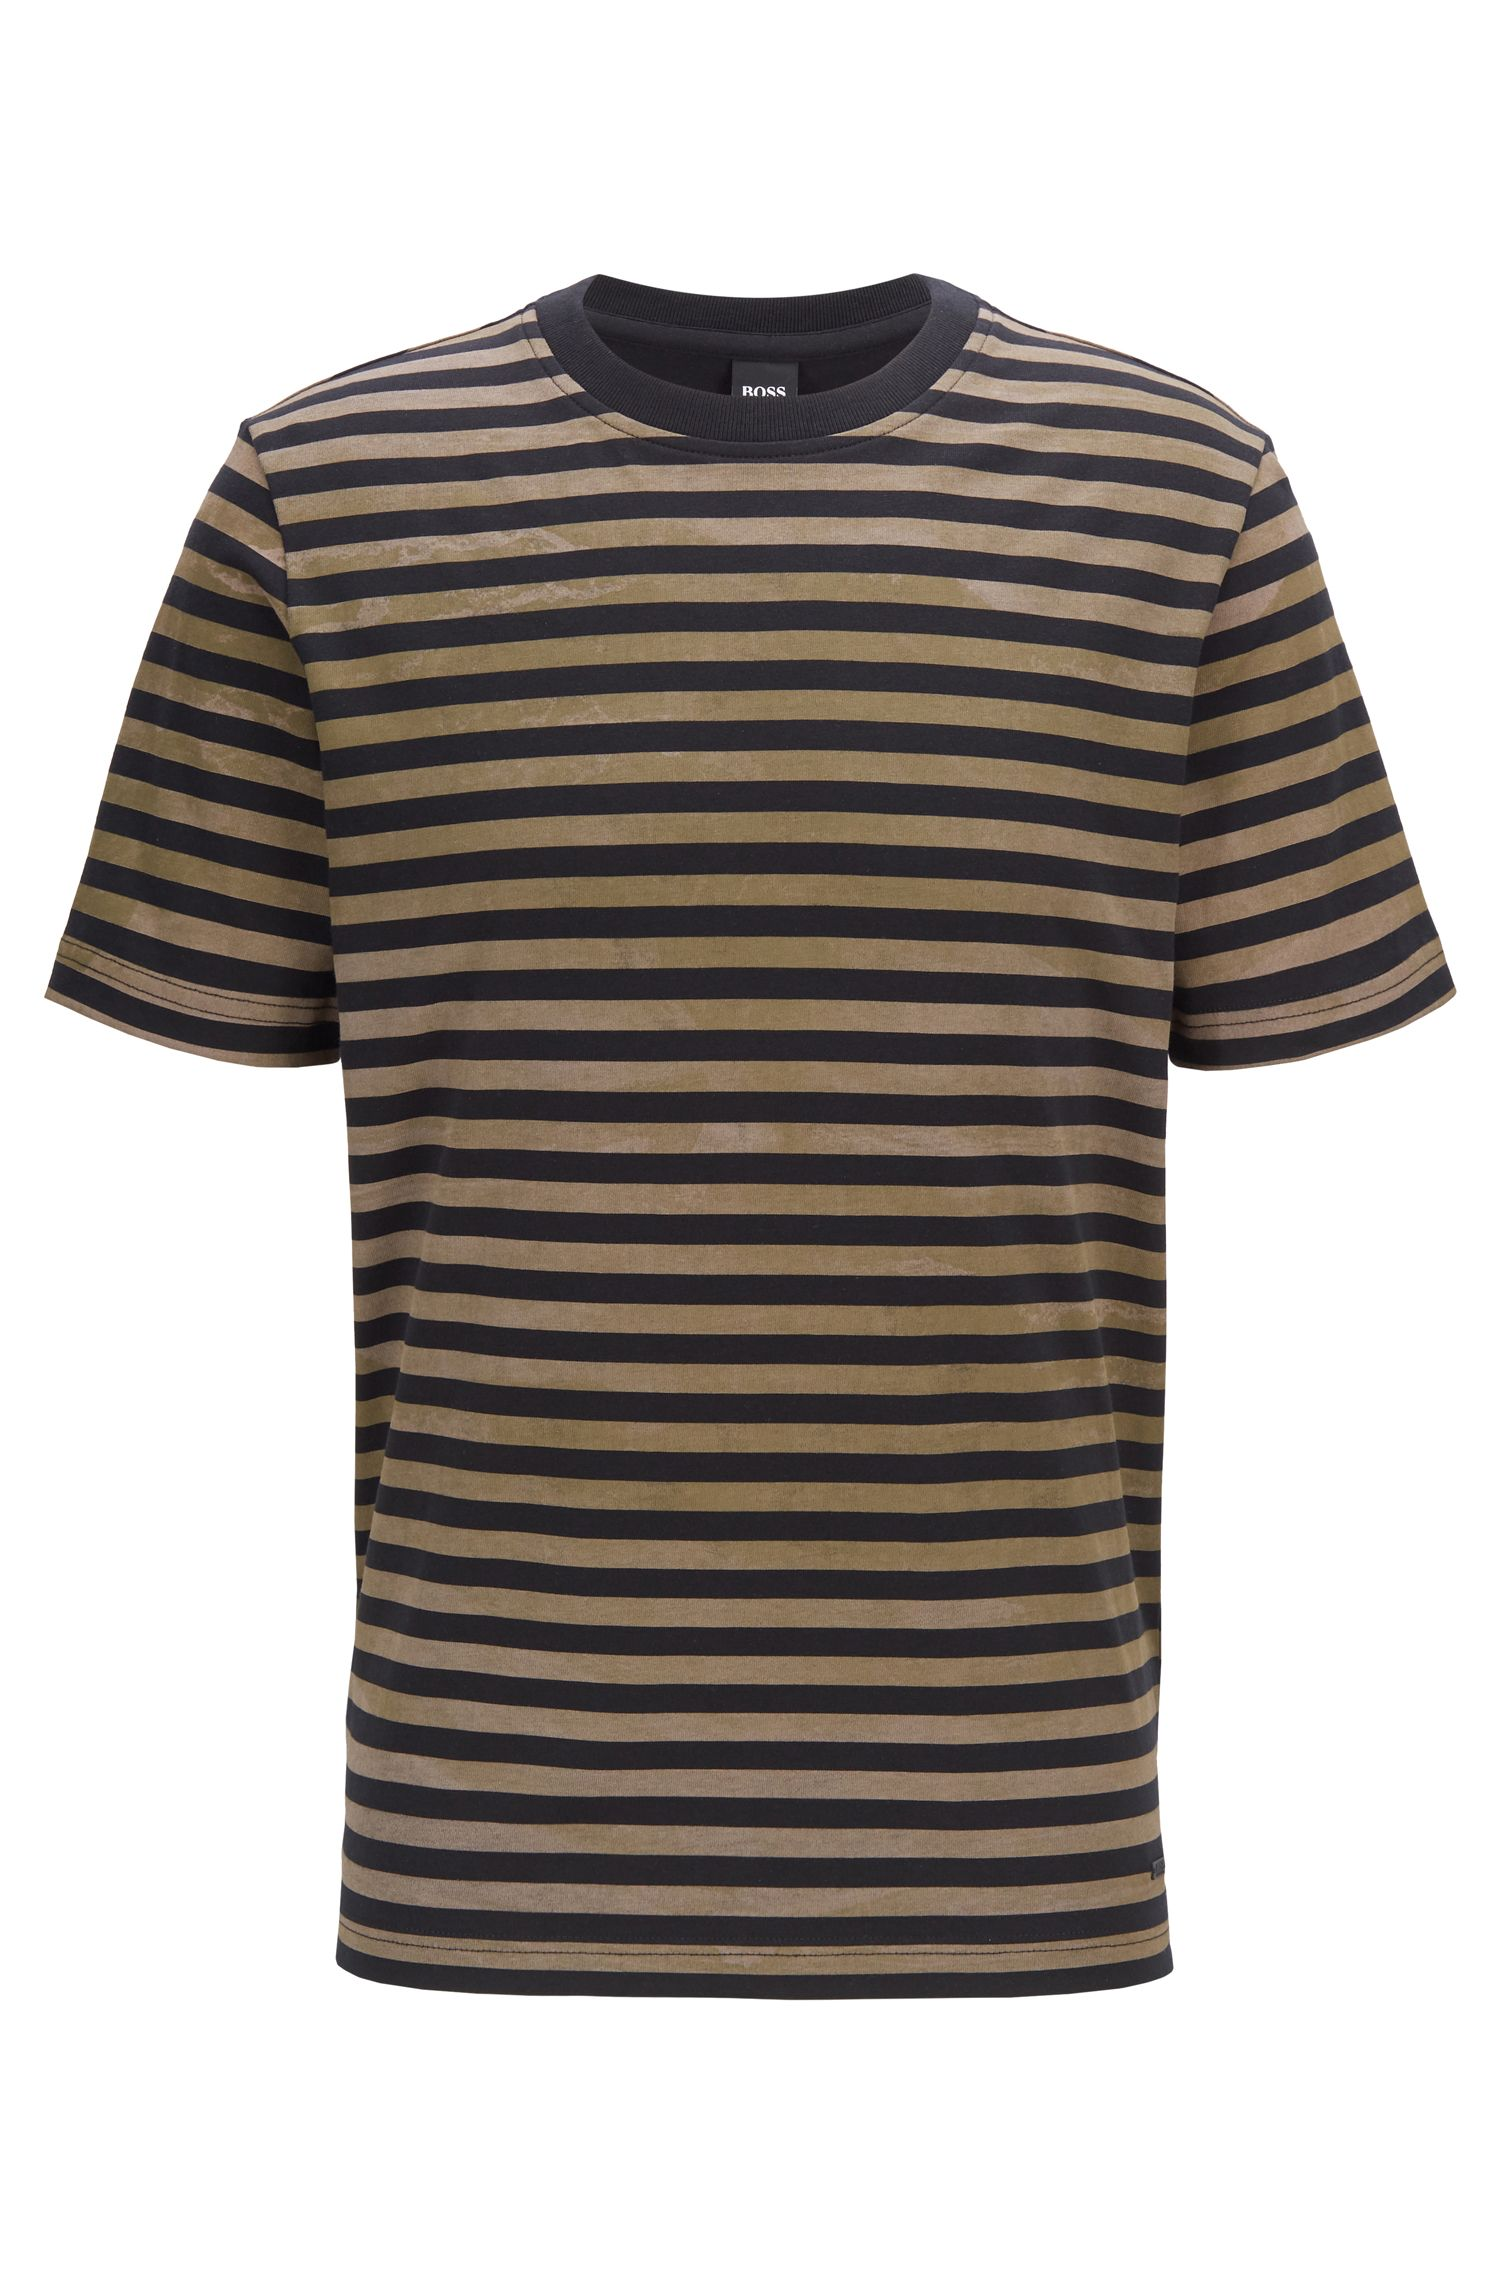 Gestreiftes T-Shirt aus Baumwolle mit gebleichtem Effekt, Schwarz